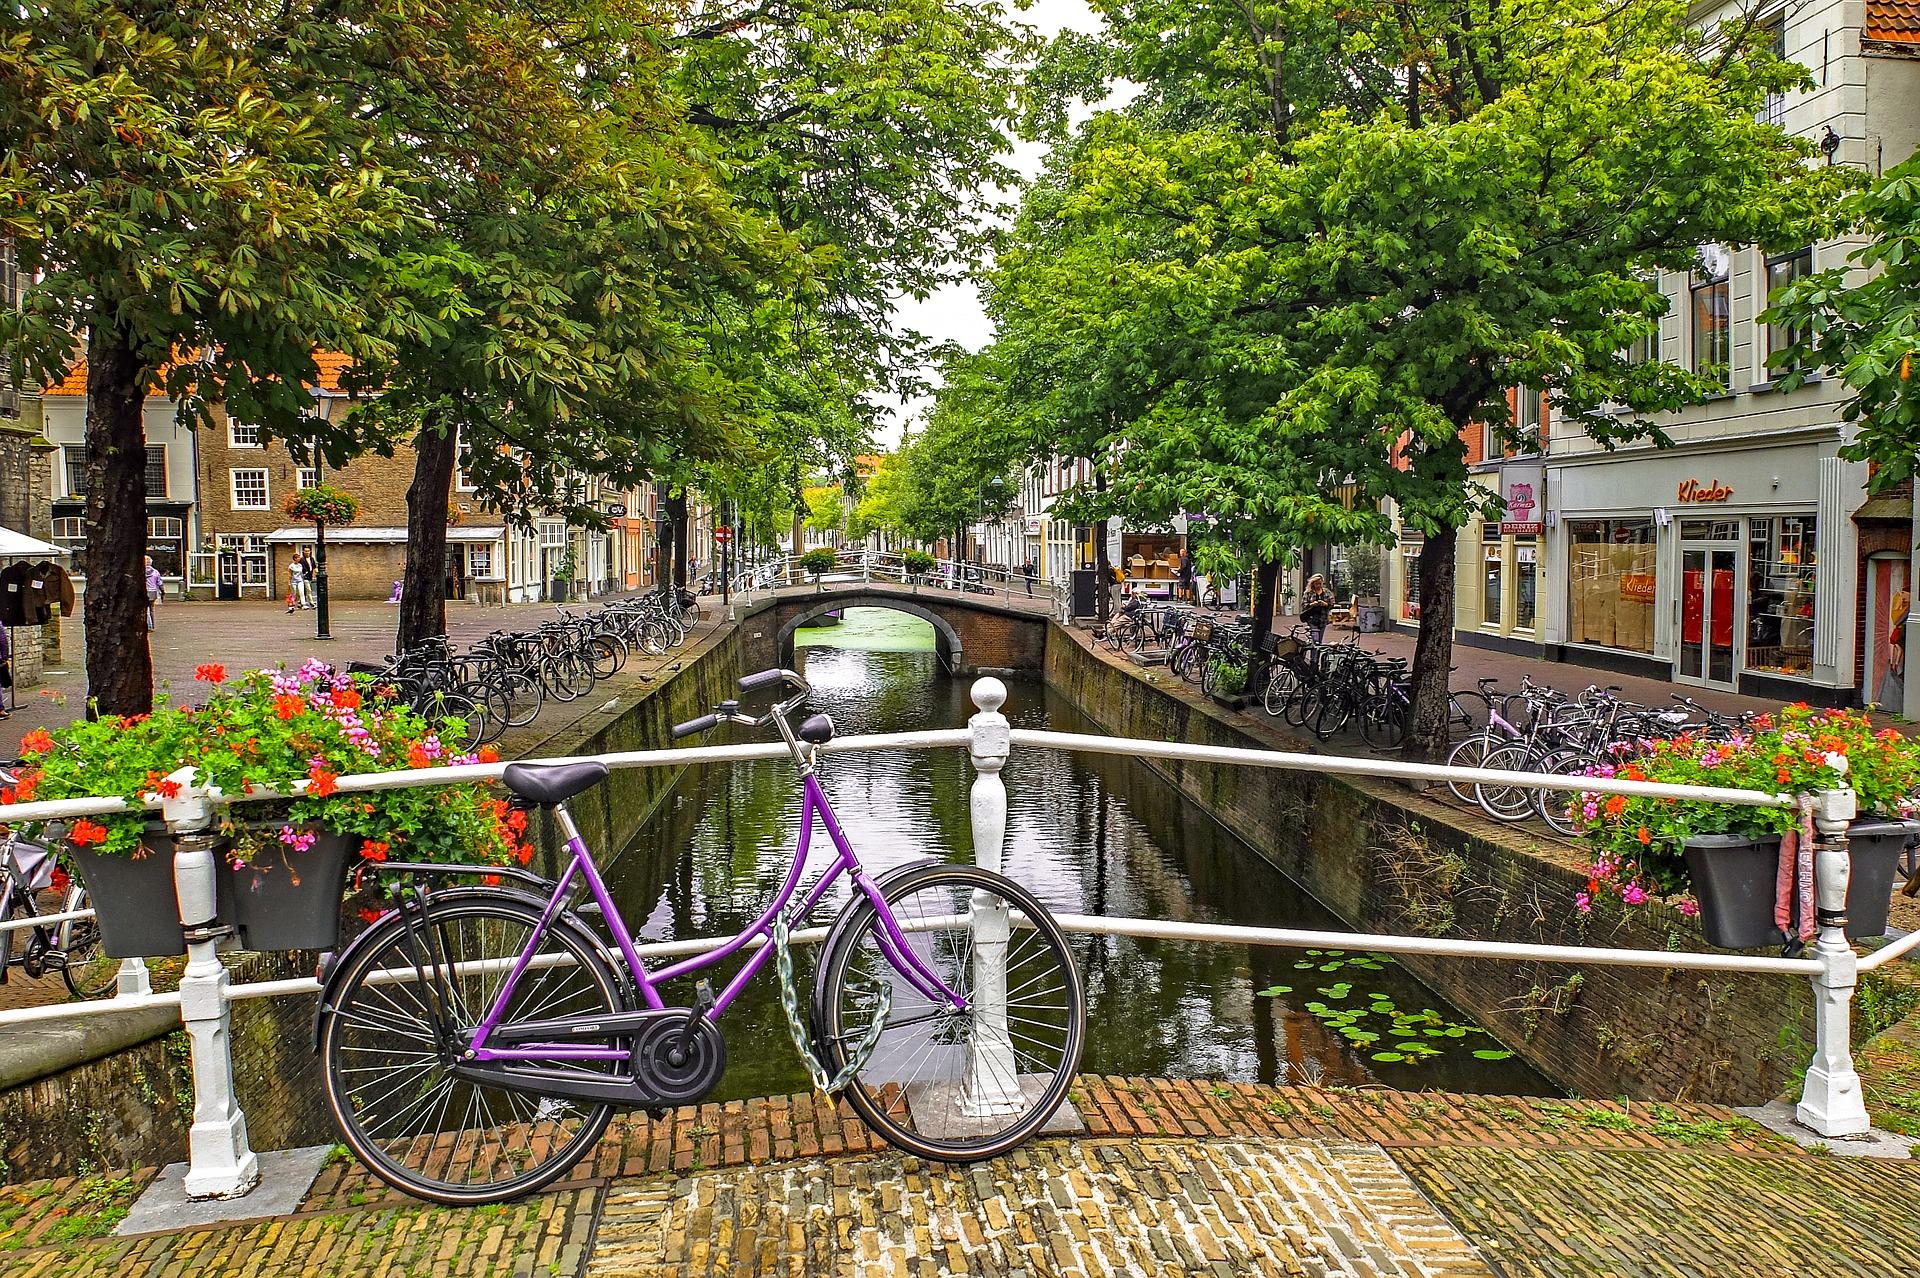 Emerald-Waterways-Canal | AardvarkCompare.com